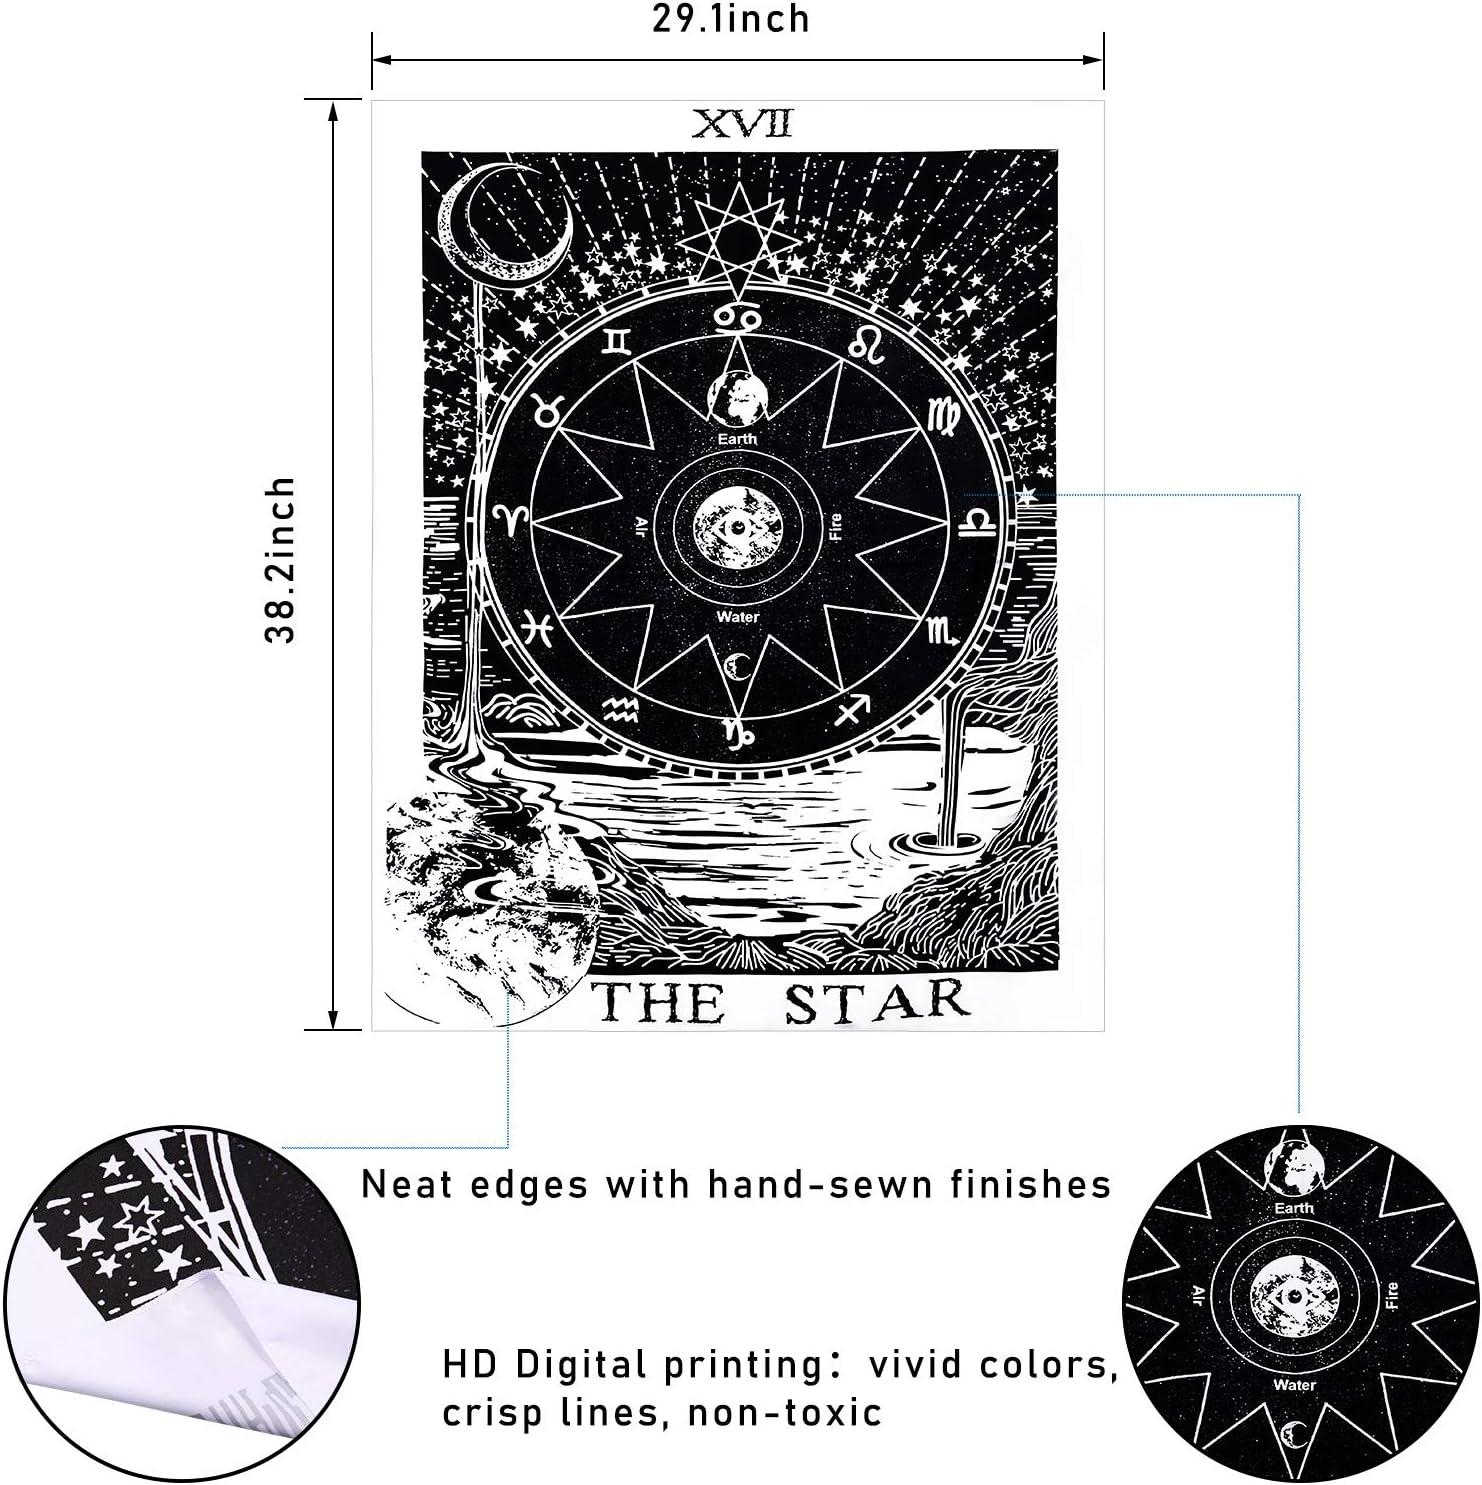 29,1 x 38,2 Pollici 3 Pezzi Arazzo dei Tarocchi Il Sole la Luna la Stella Arazzo di Carta dei Tarocchi Arazzo di Divinazione dellEuropa Medievale Misterioso Arazzo da Parete per Decor Casa